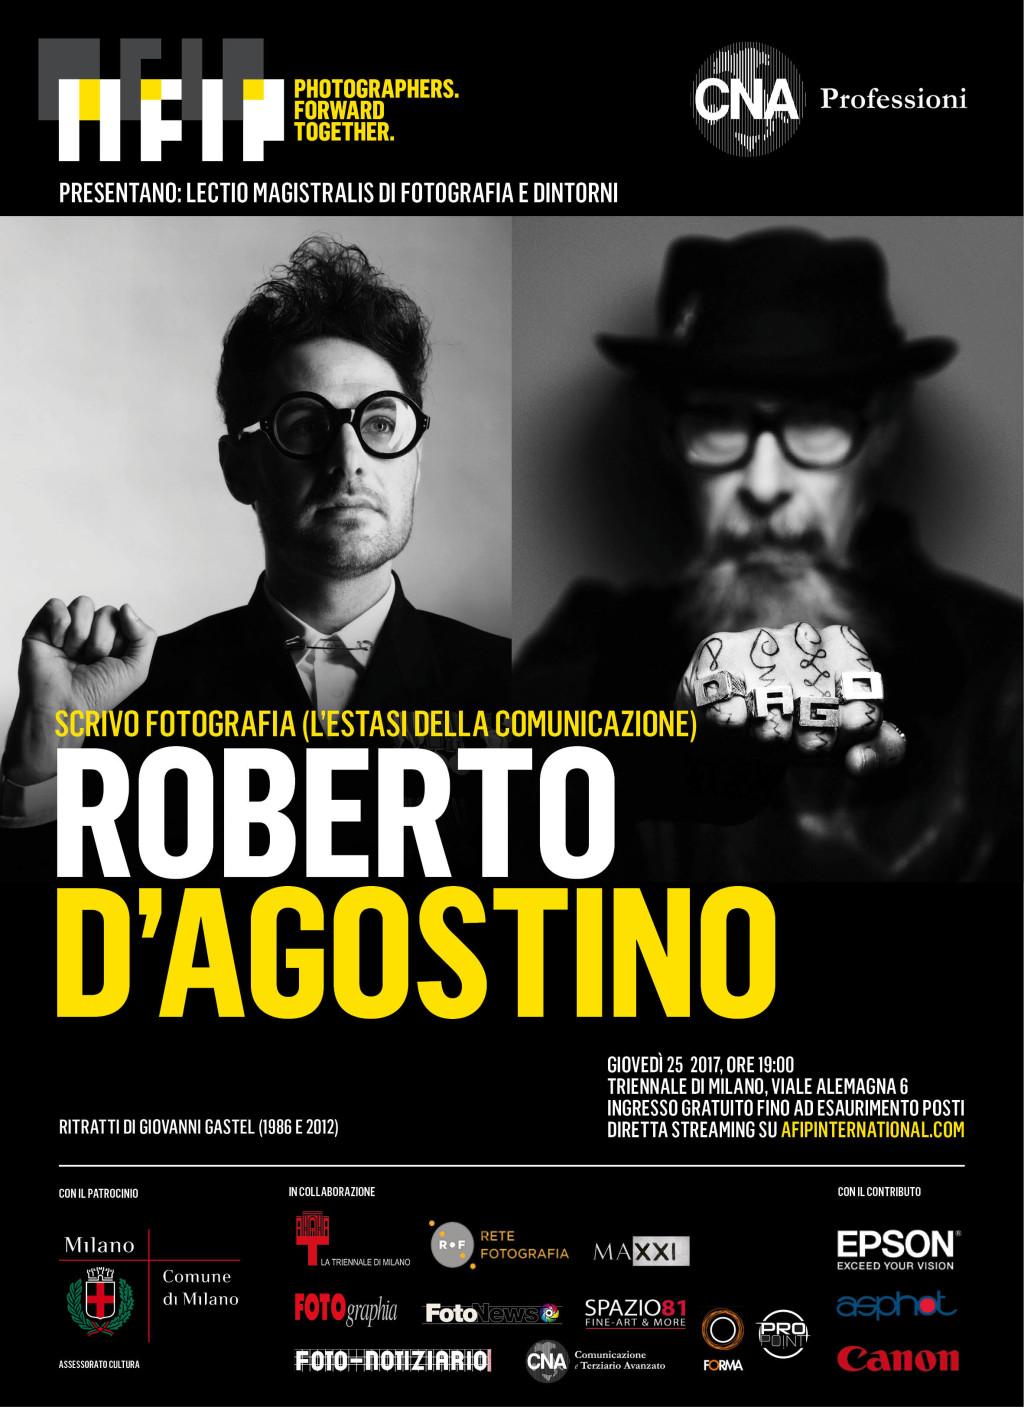 Lectio Magistralis di Fotografia e Dintorni – Roberto D'Agostino